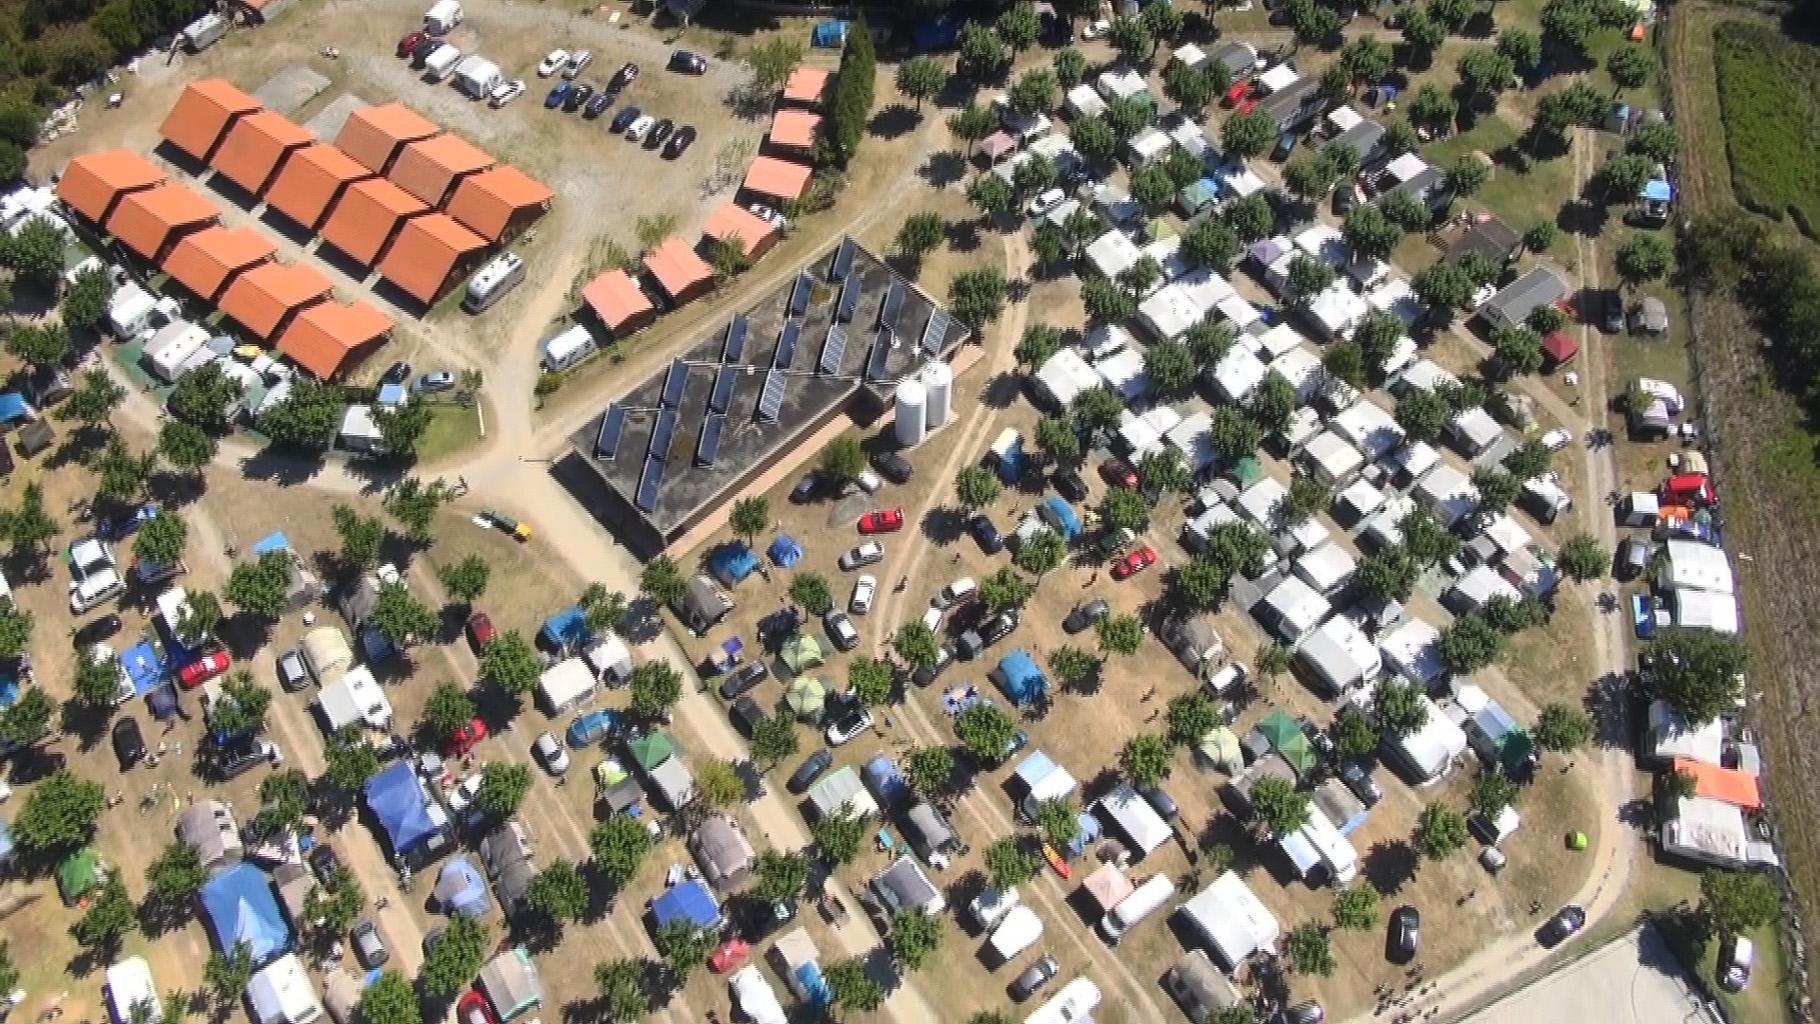 detalle parcelas Camping Paisaxe II O Grove